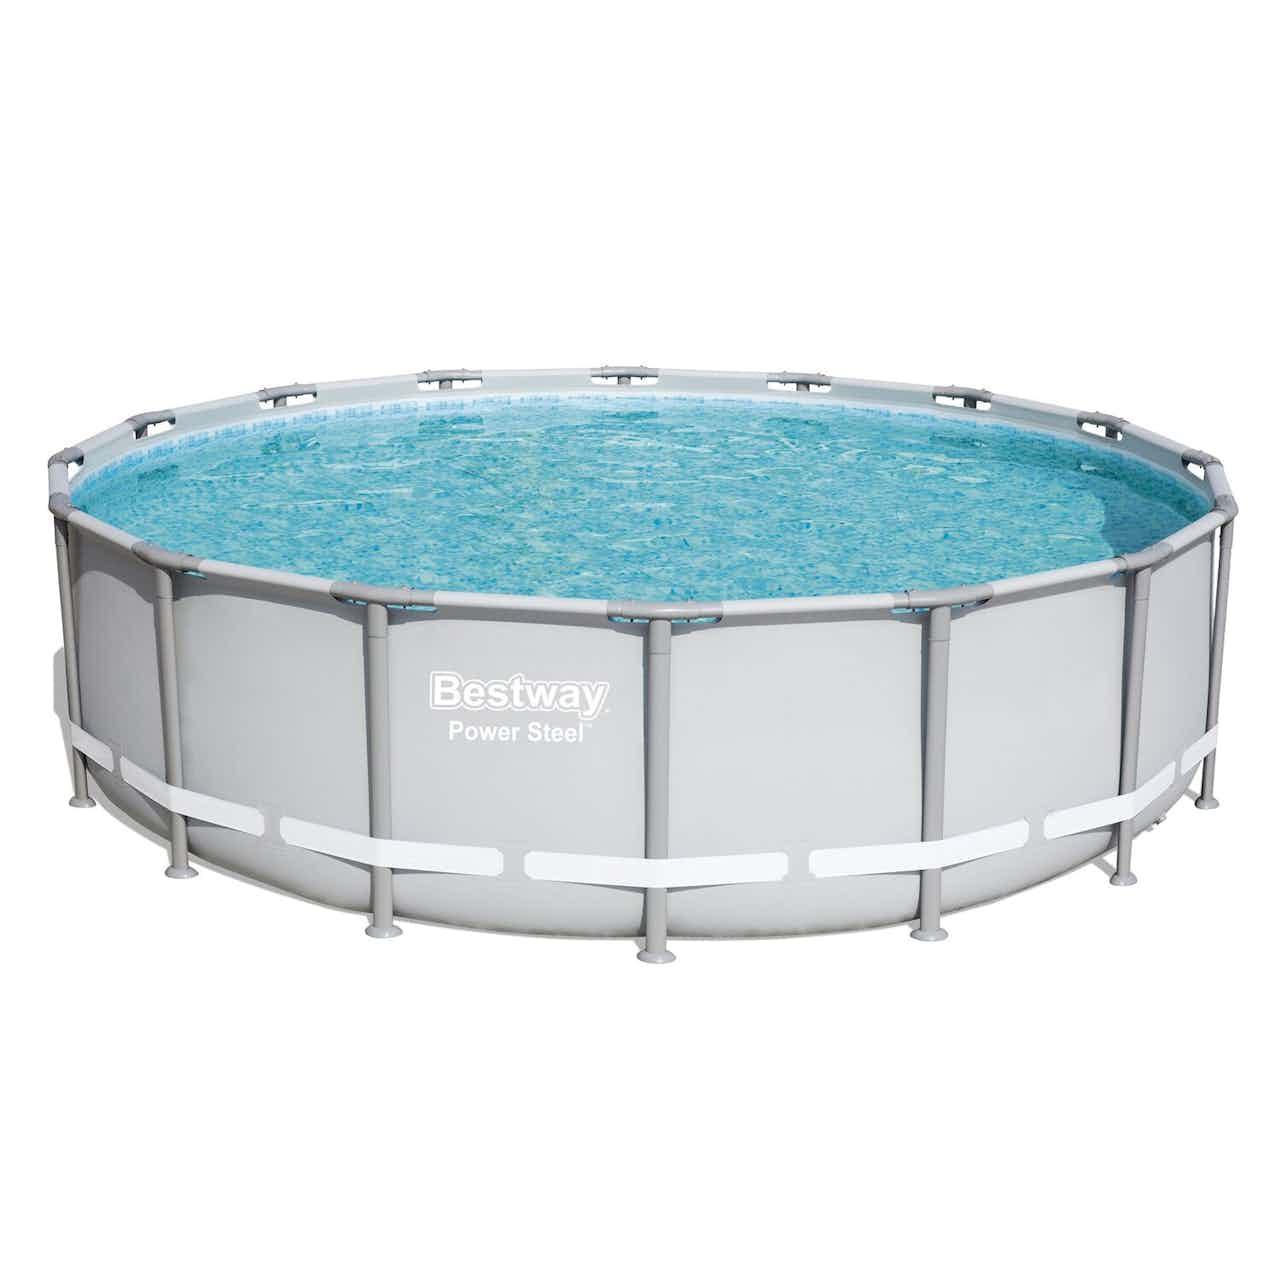 Bestway Stahlrahmen-Pool Set Ø 488 cm x 122 cm